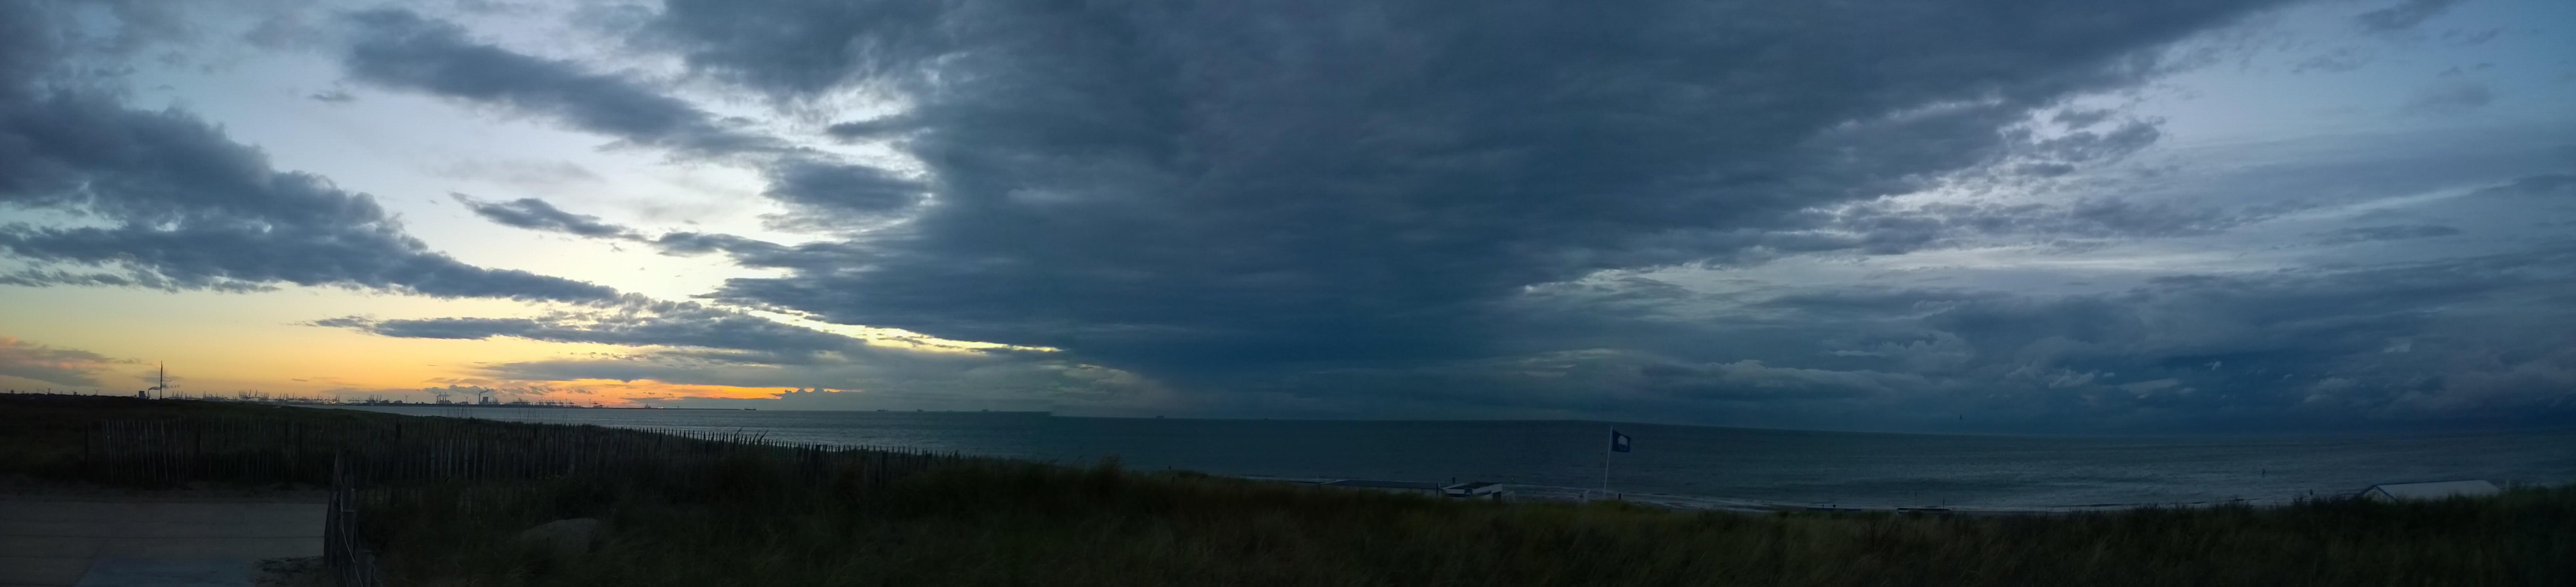 WP_20150916_20_02_28_Panorama